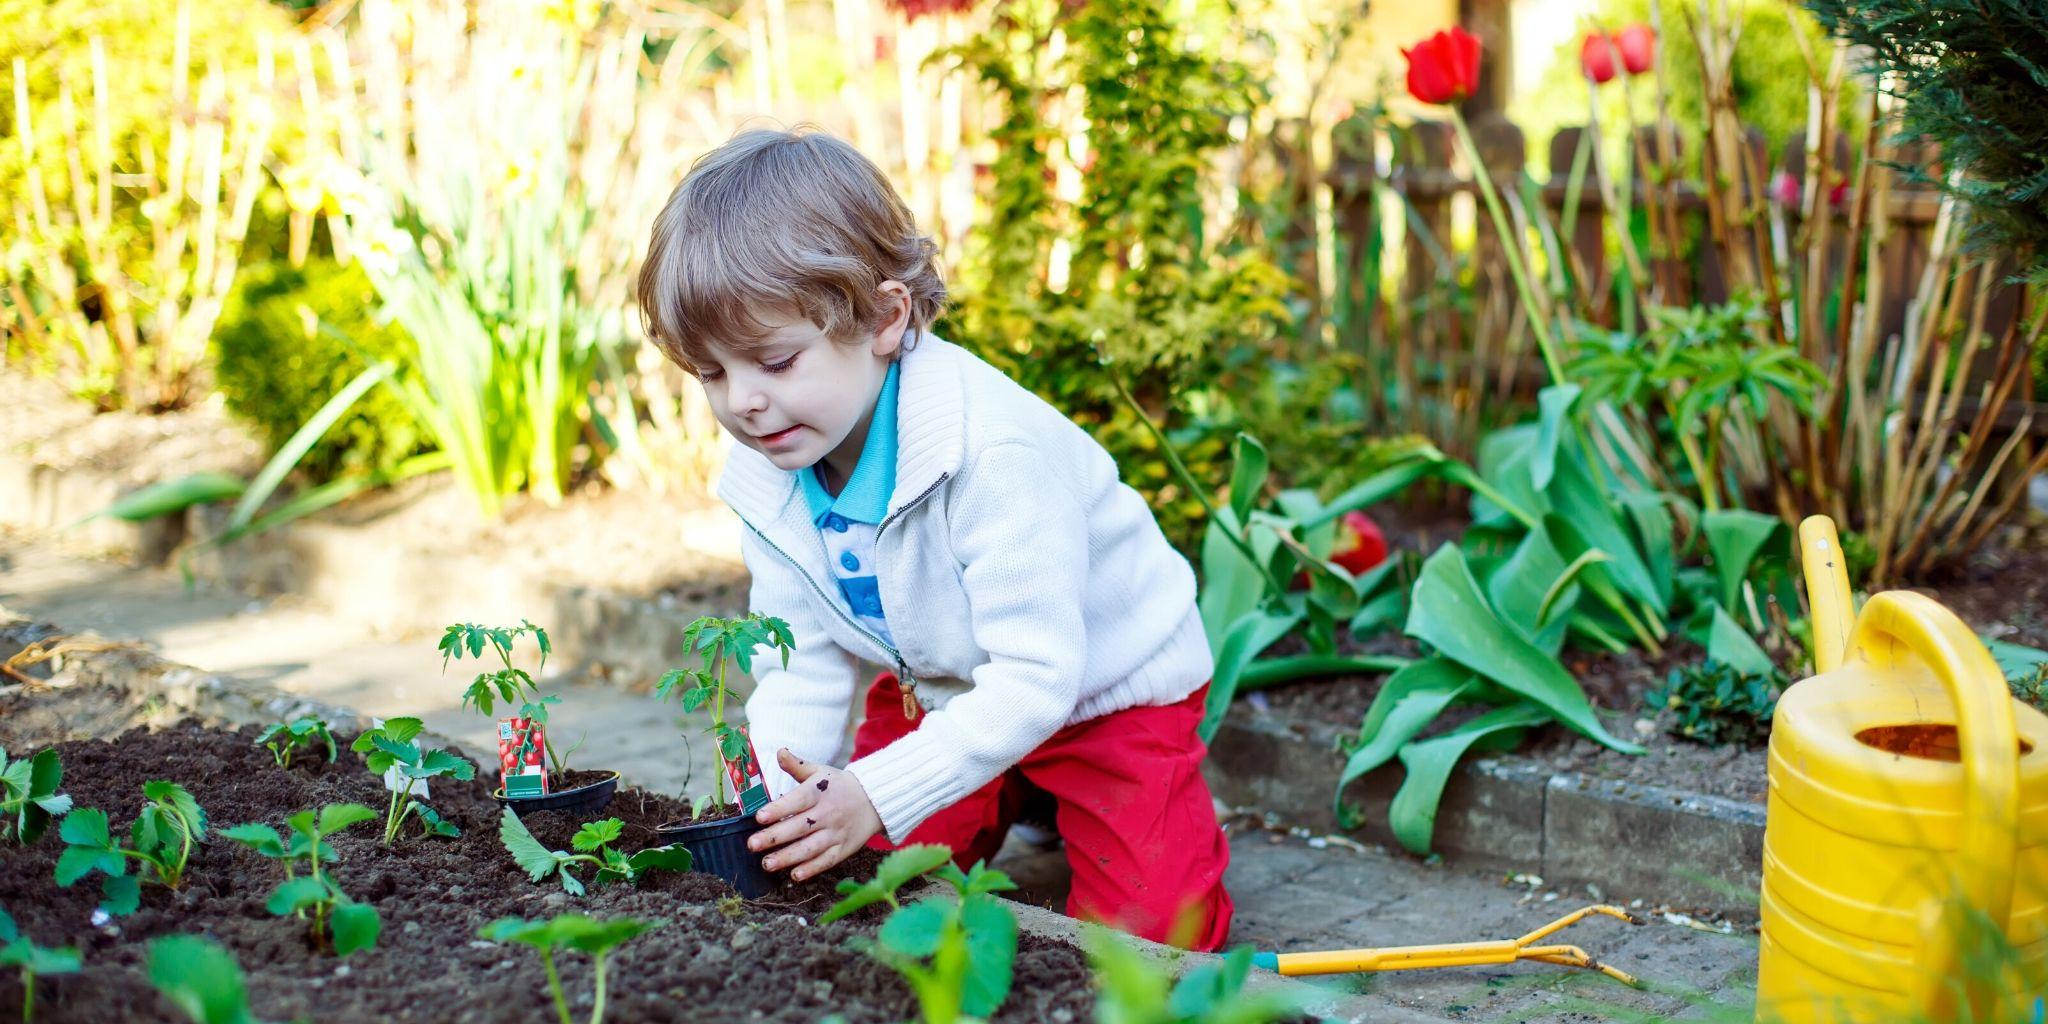 給孩子的簡易植栽實驗